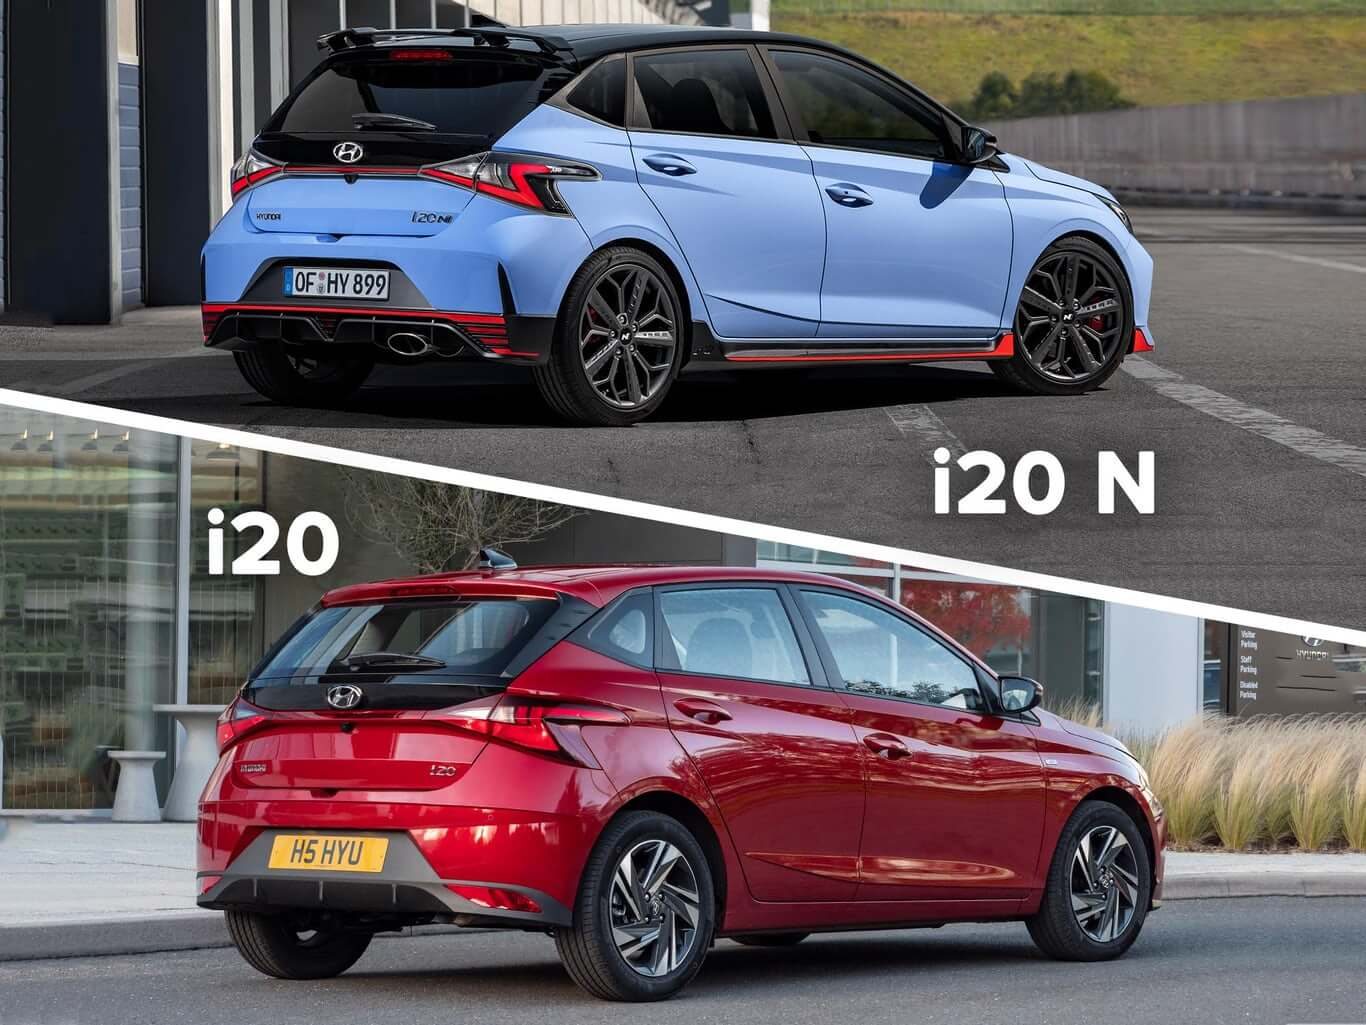 تصویر از معرفی خودرو سوپرمینی هاچ بک Hyundai i20 N به روزشده 2021